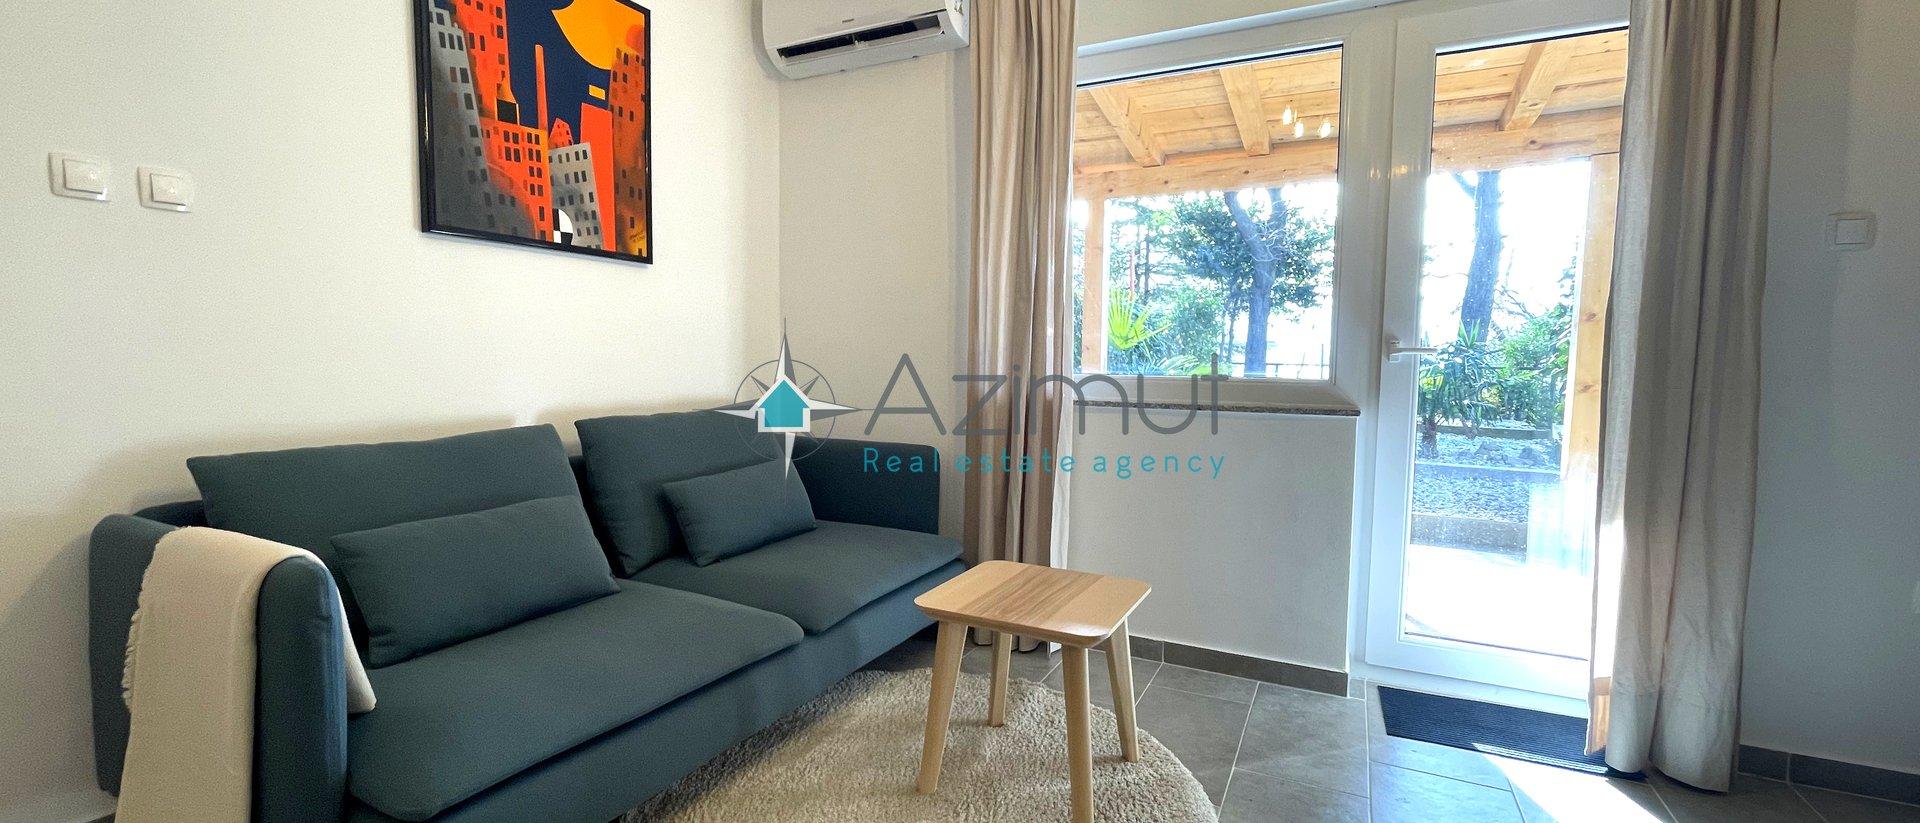 Appartamento, 50 m2, Affitto, Rijeka - Vojak